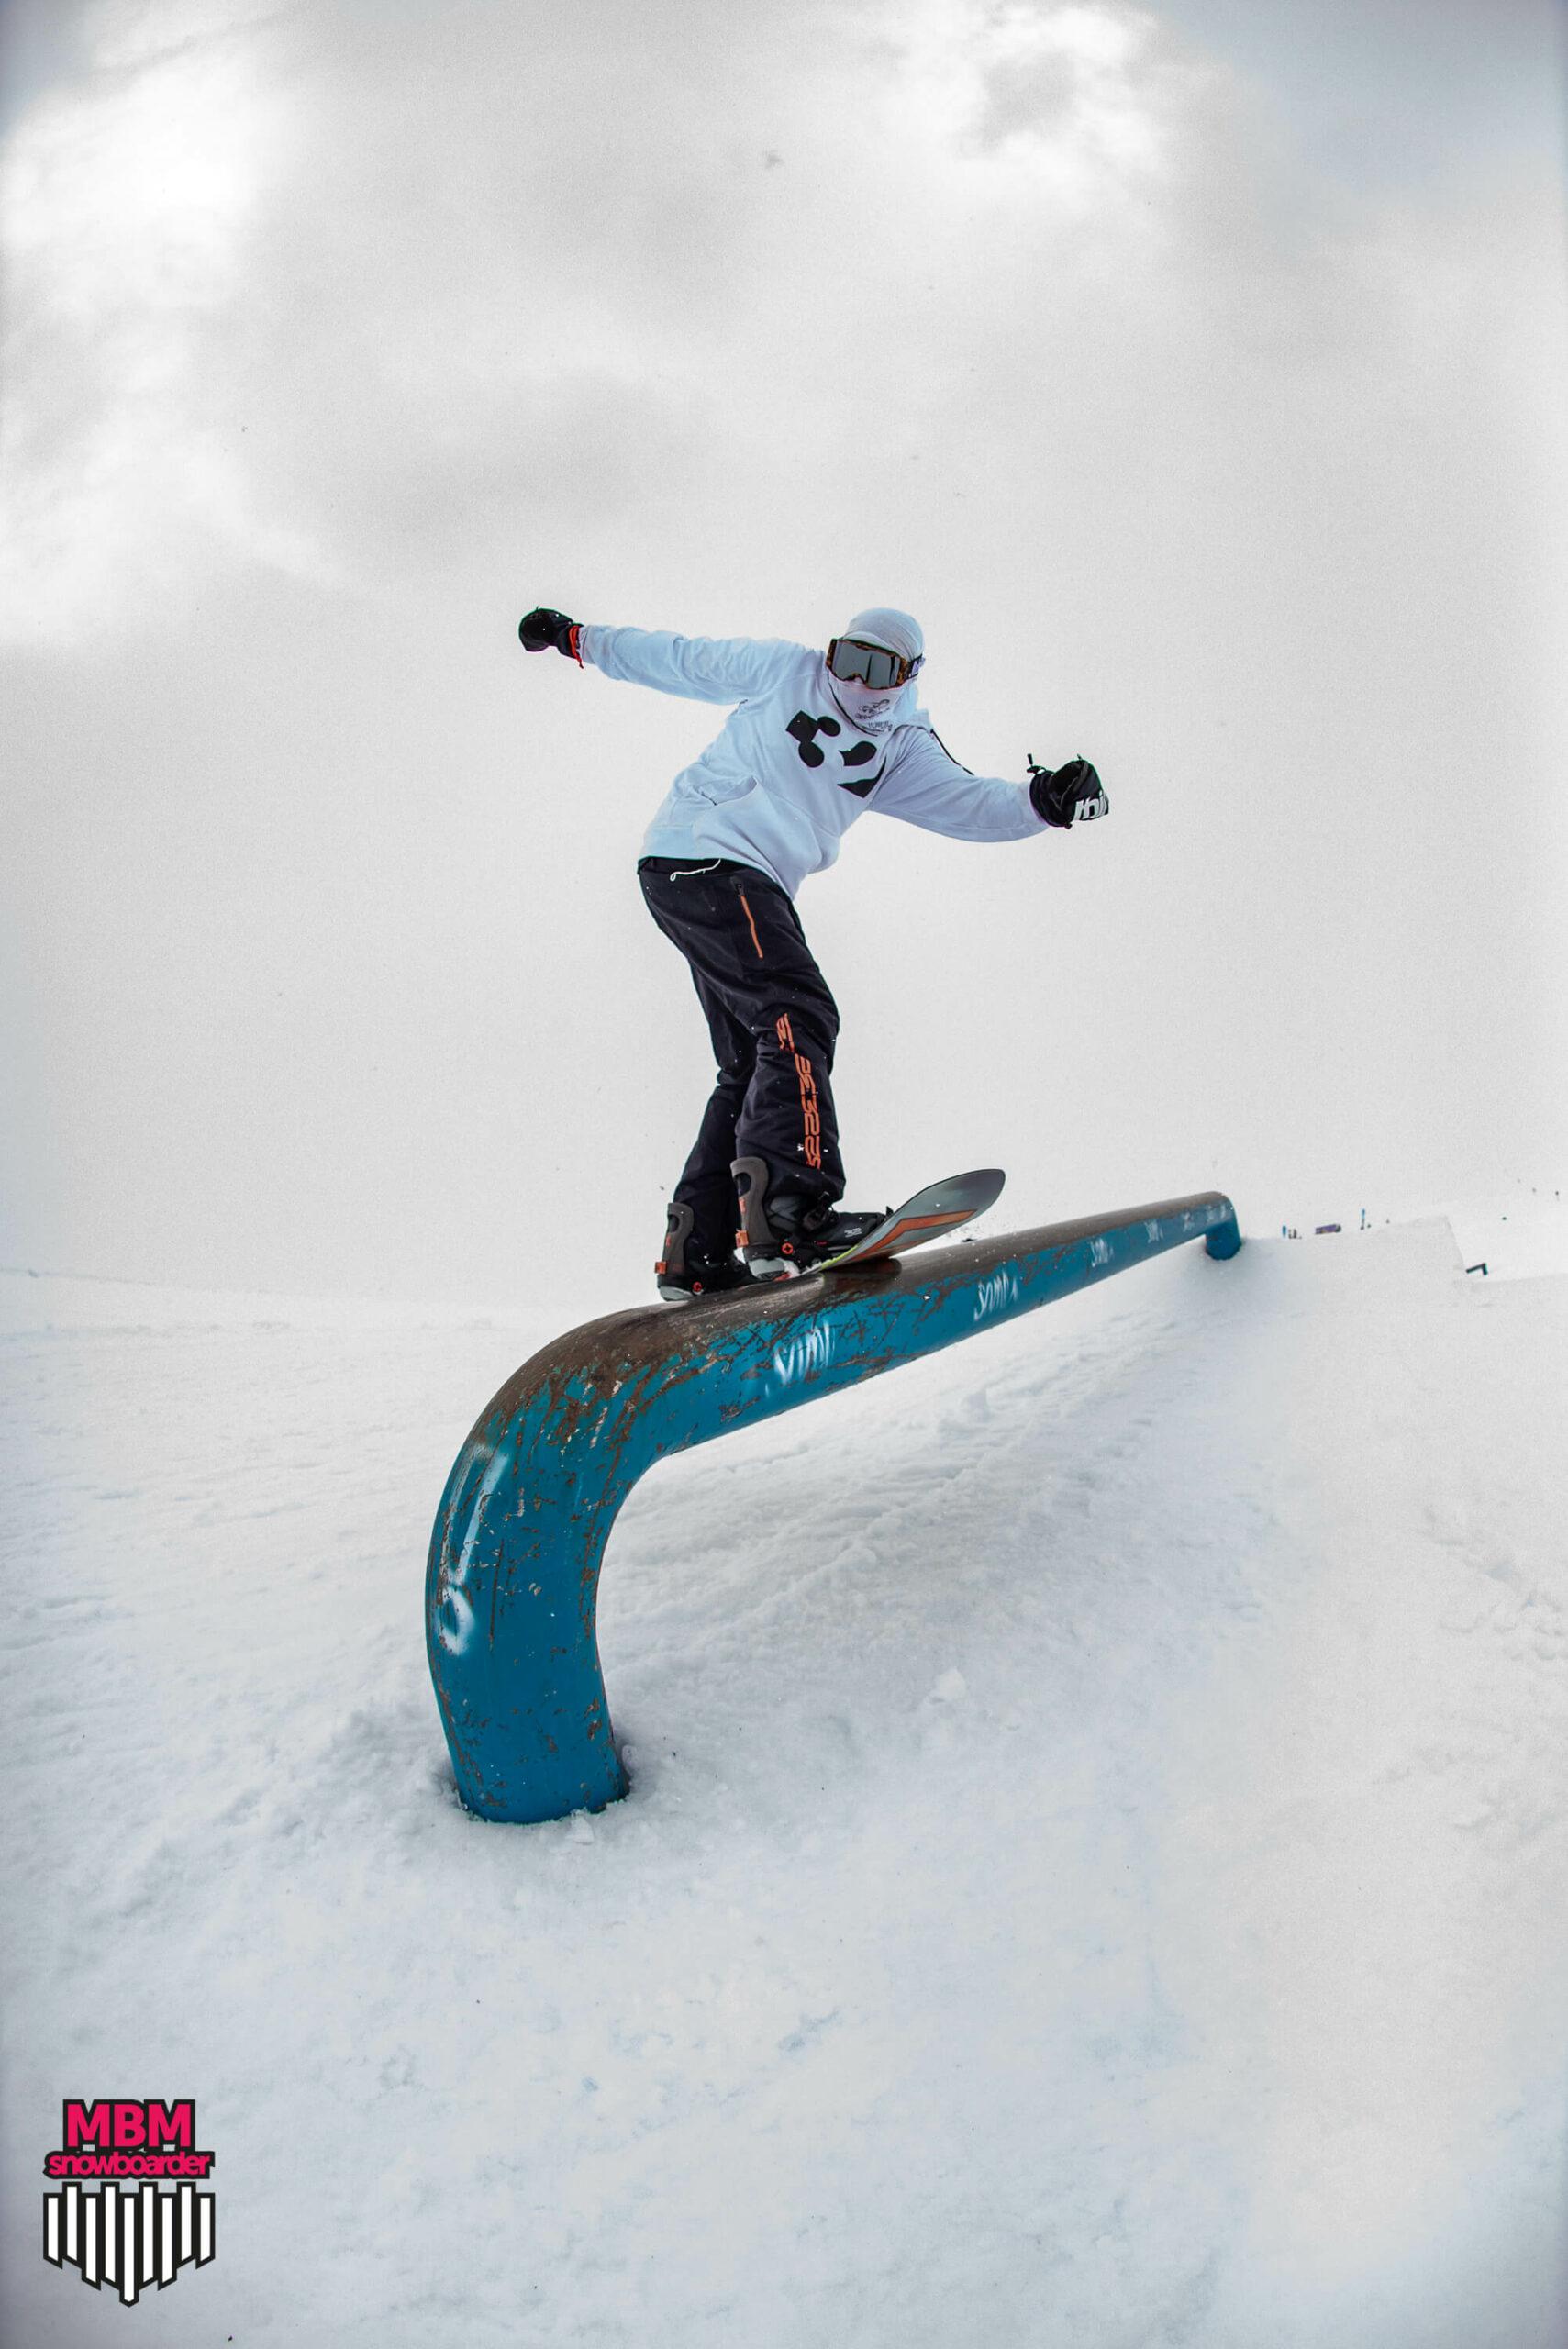 snowboarderMBM_sd_kaunertal_106